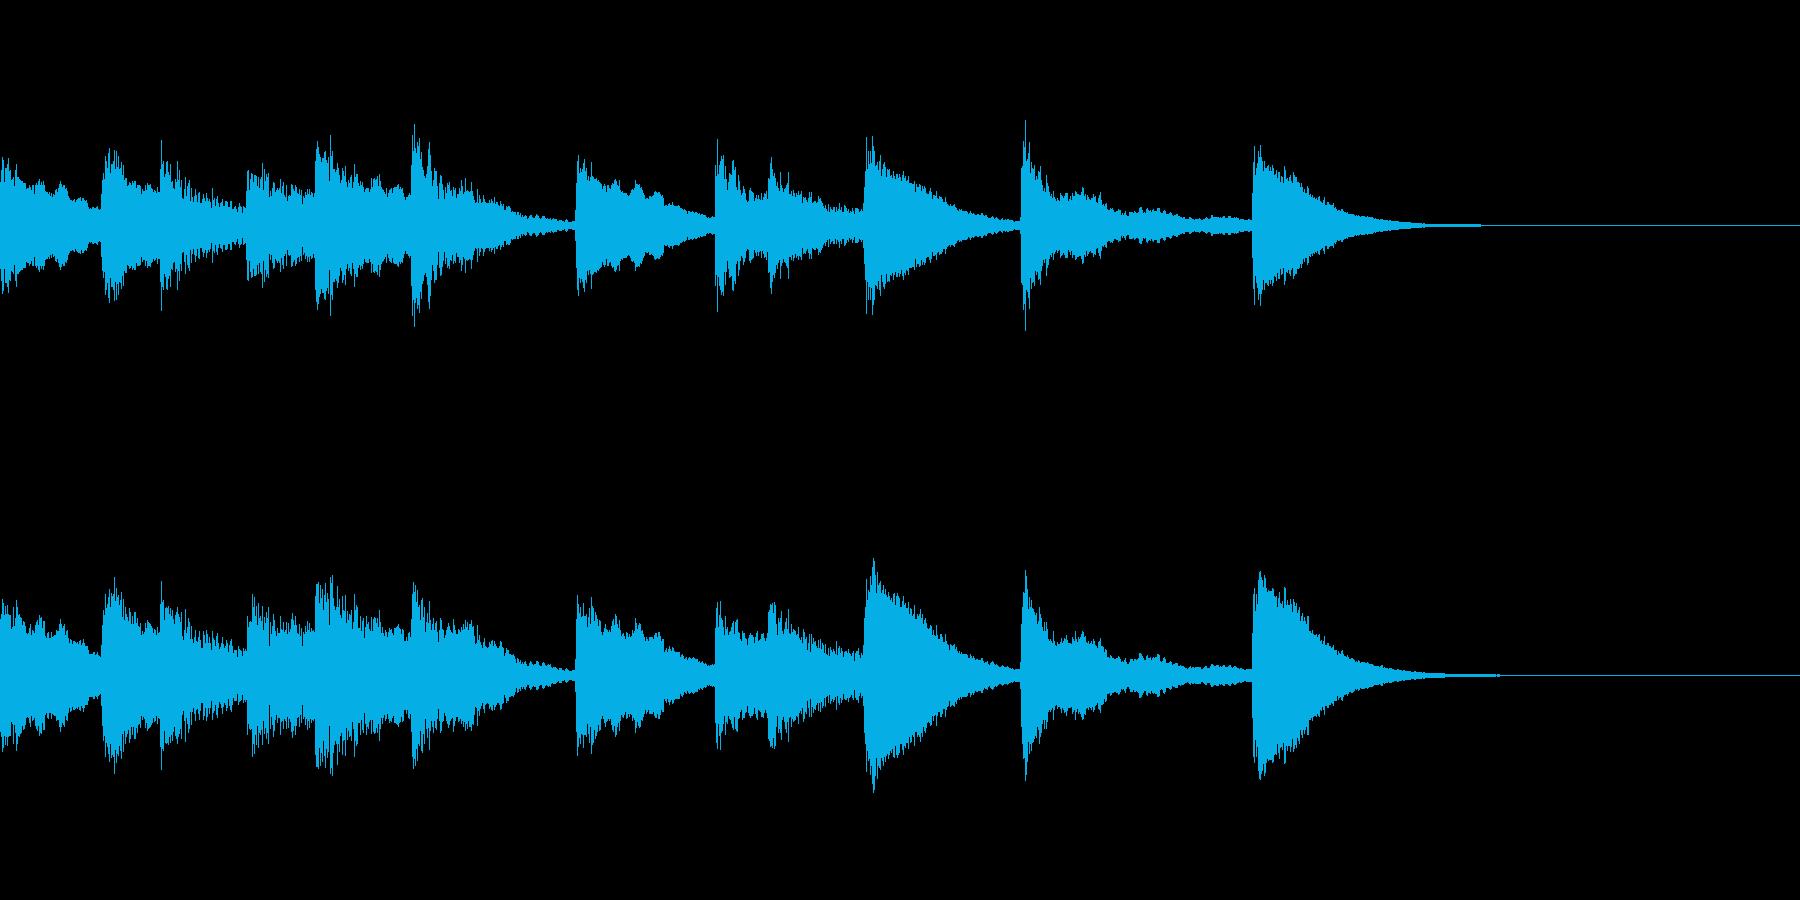 小さなおもちゃピアノの明るいワンフレーズの再生済みの波形